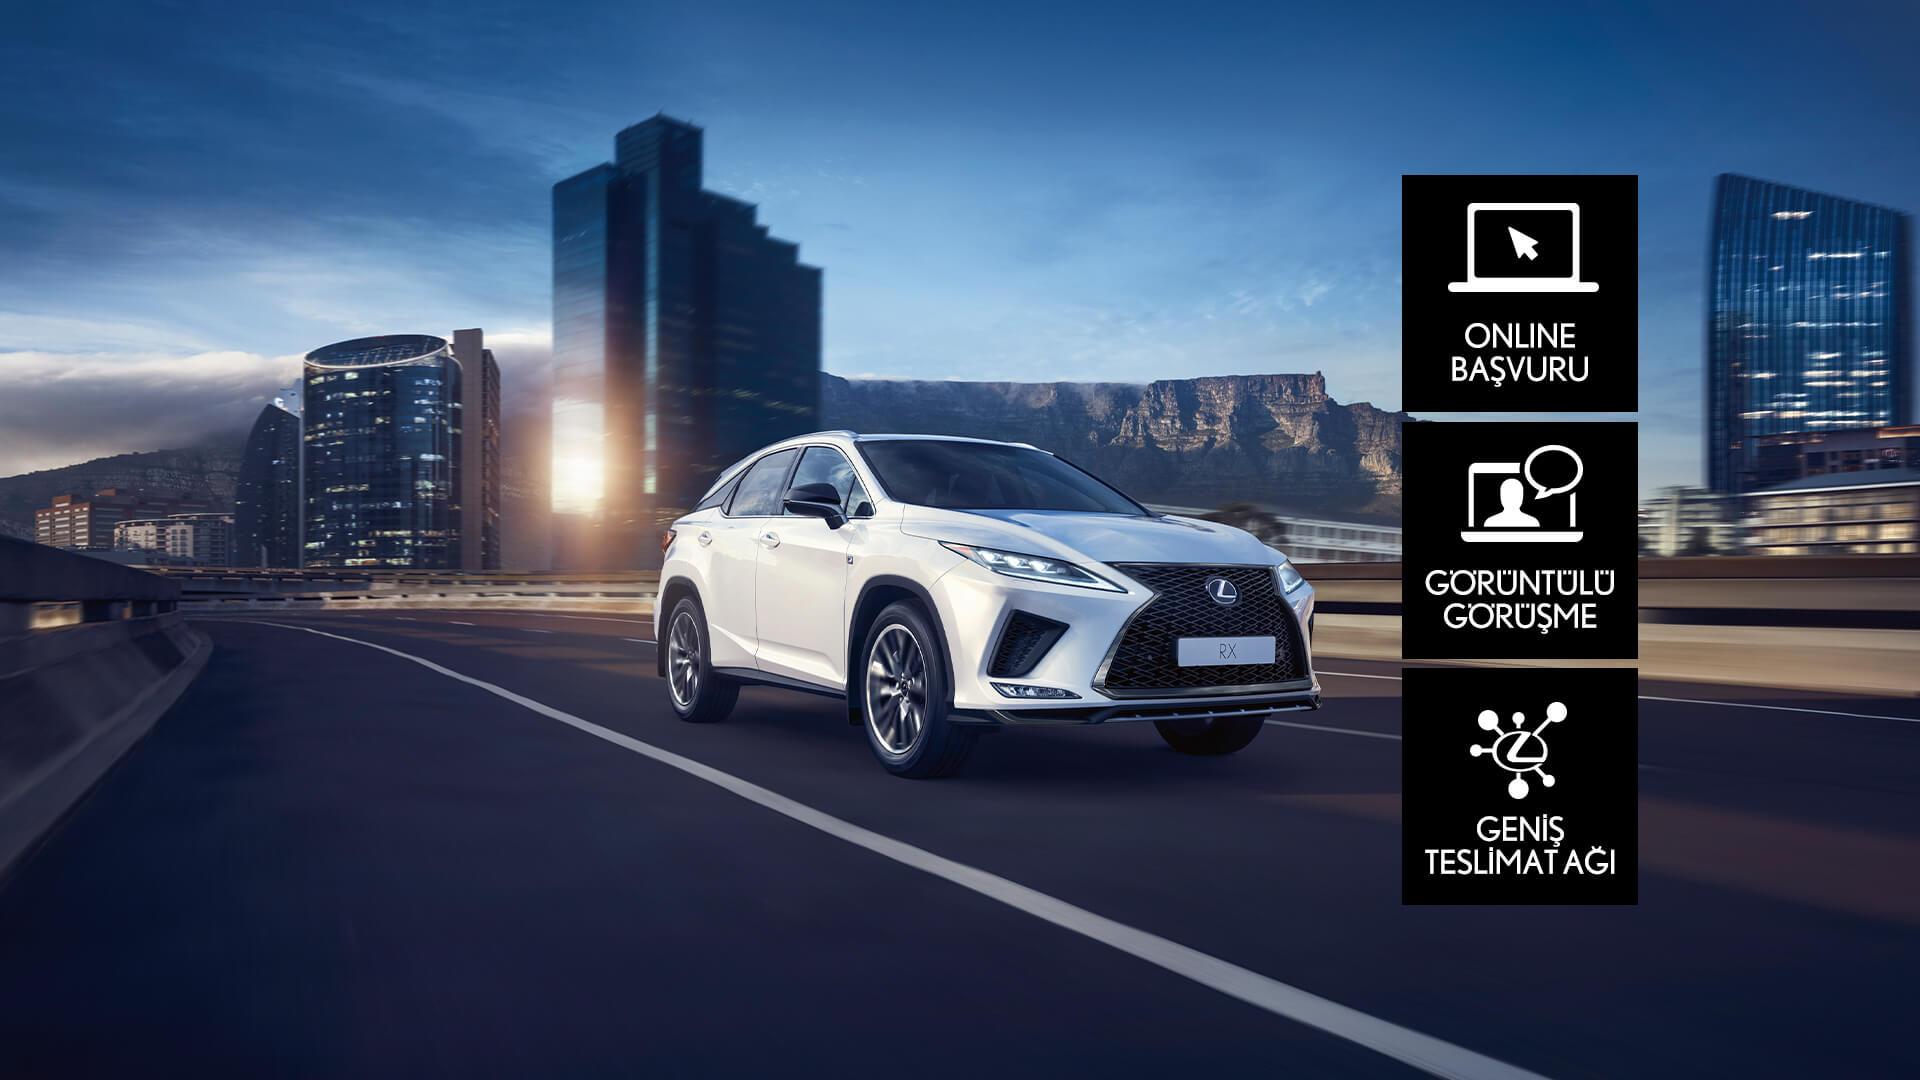 Lexus Uzaktan Satış Kampanyası